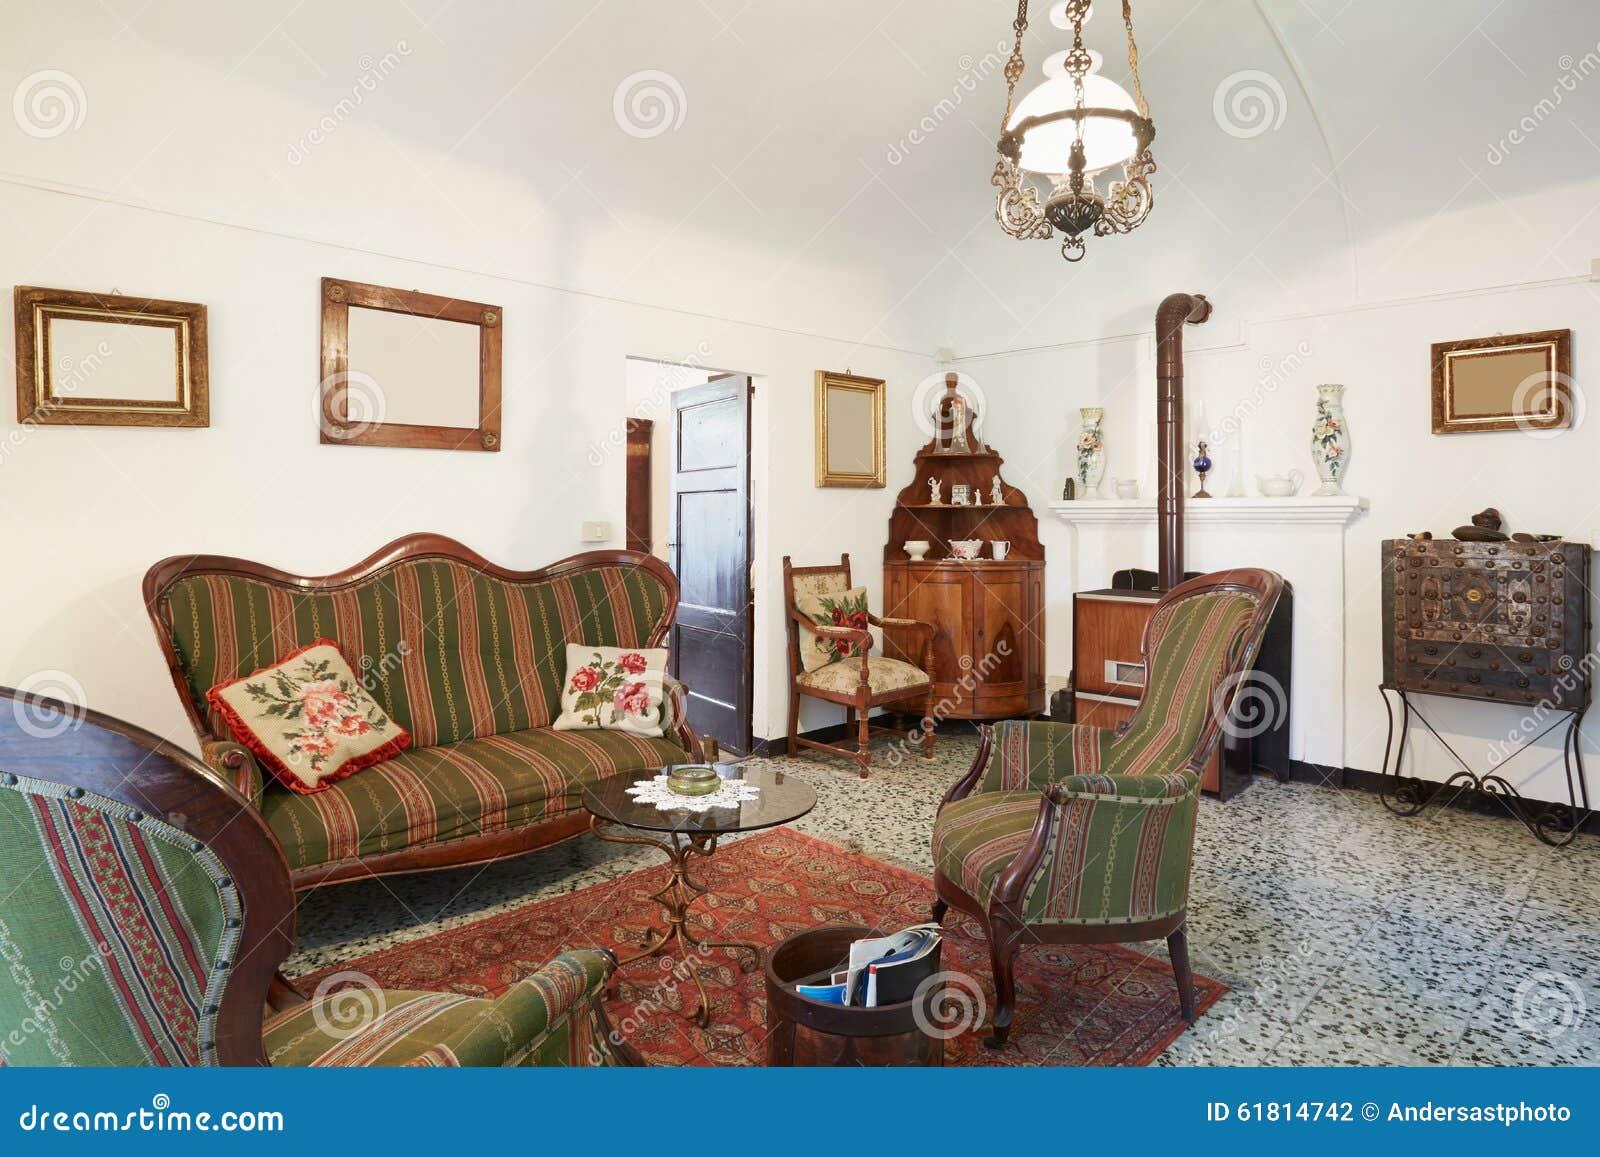 Wohnzimmer Mit Den Antiquitäten, Innen Stockfoto - Bild von dekor ...